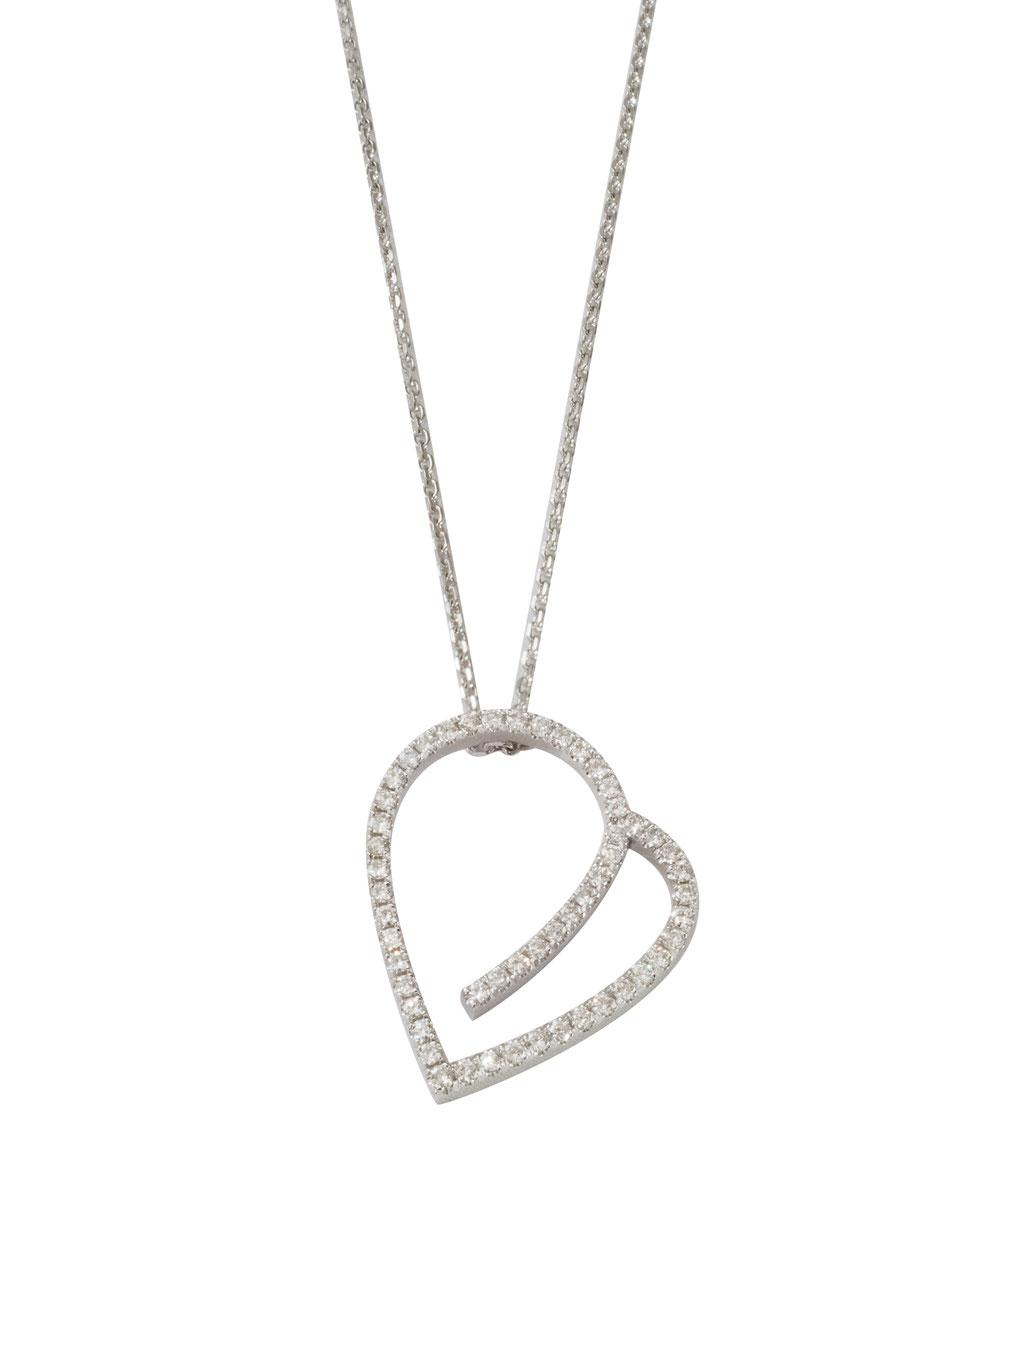 Herzkette mit Diamanten 0,37 ct, aus 18 karat Weißgold, 2.120 Euro